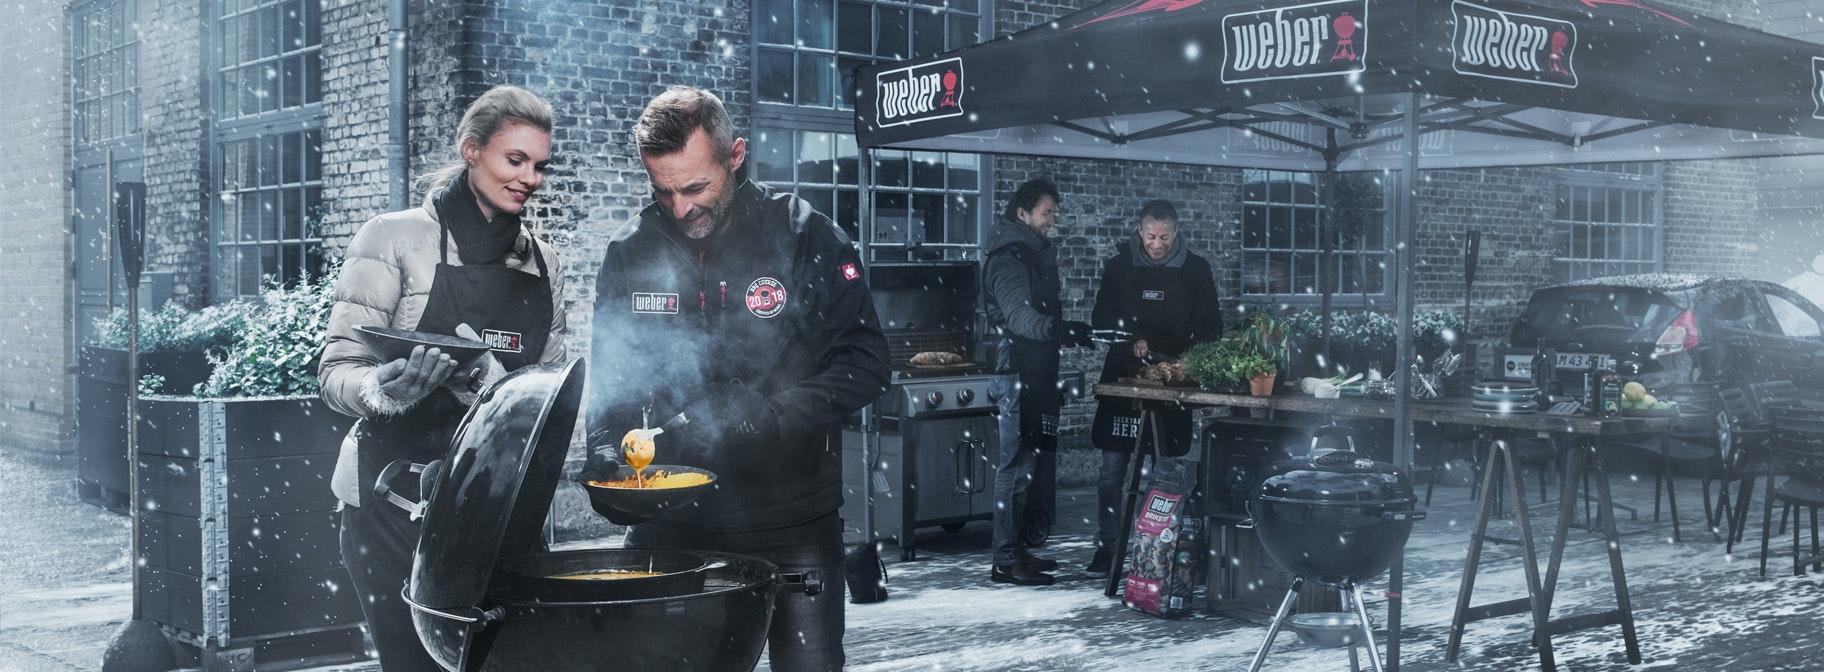 Gewinne eine Weber Grill-Experience!